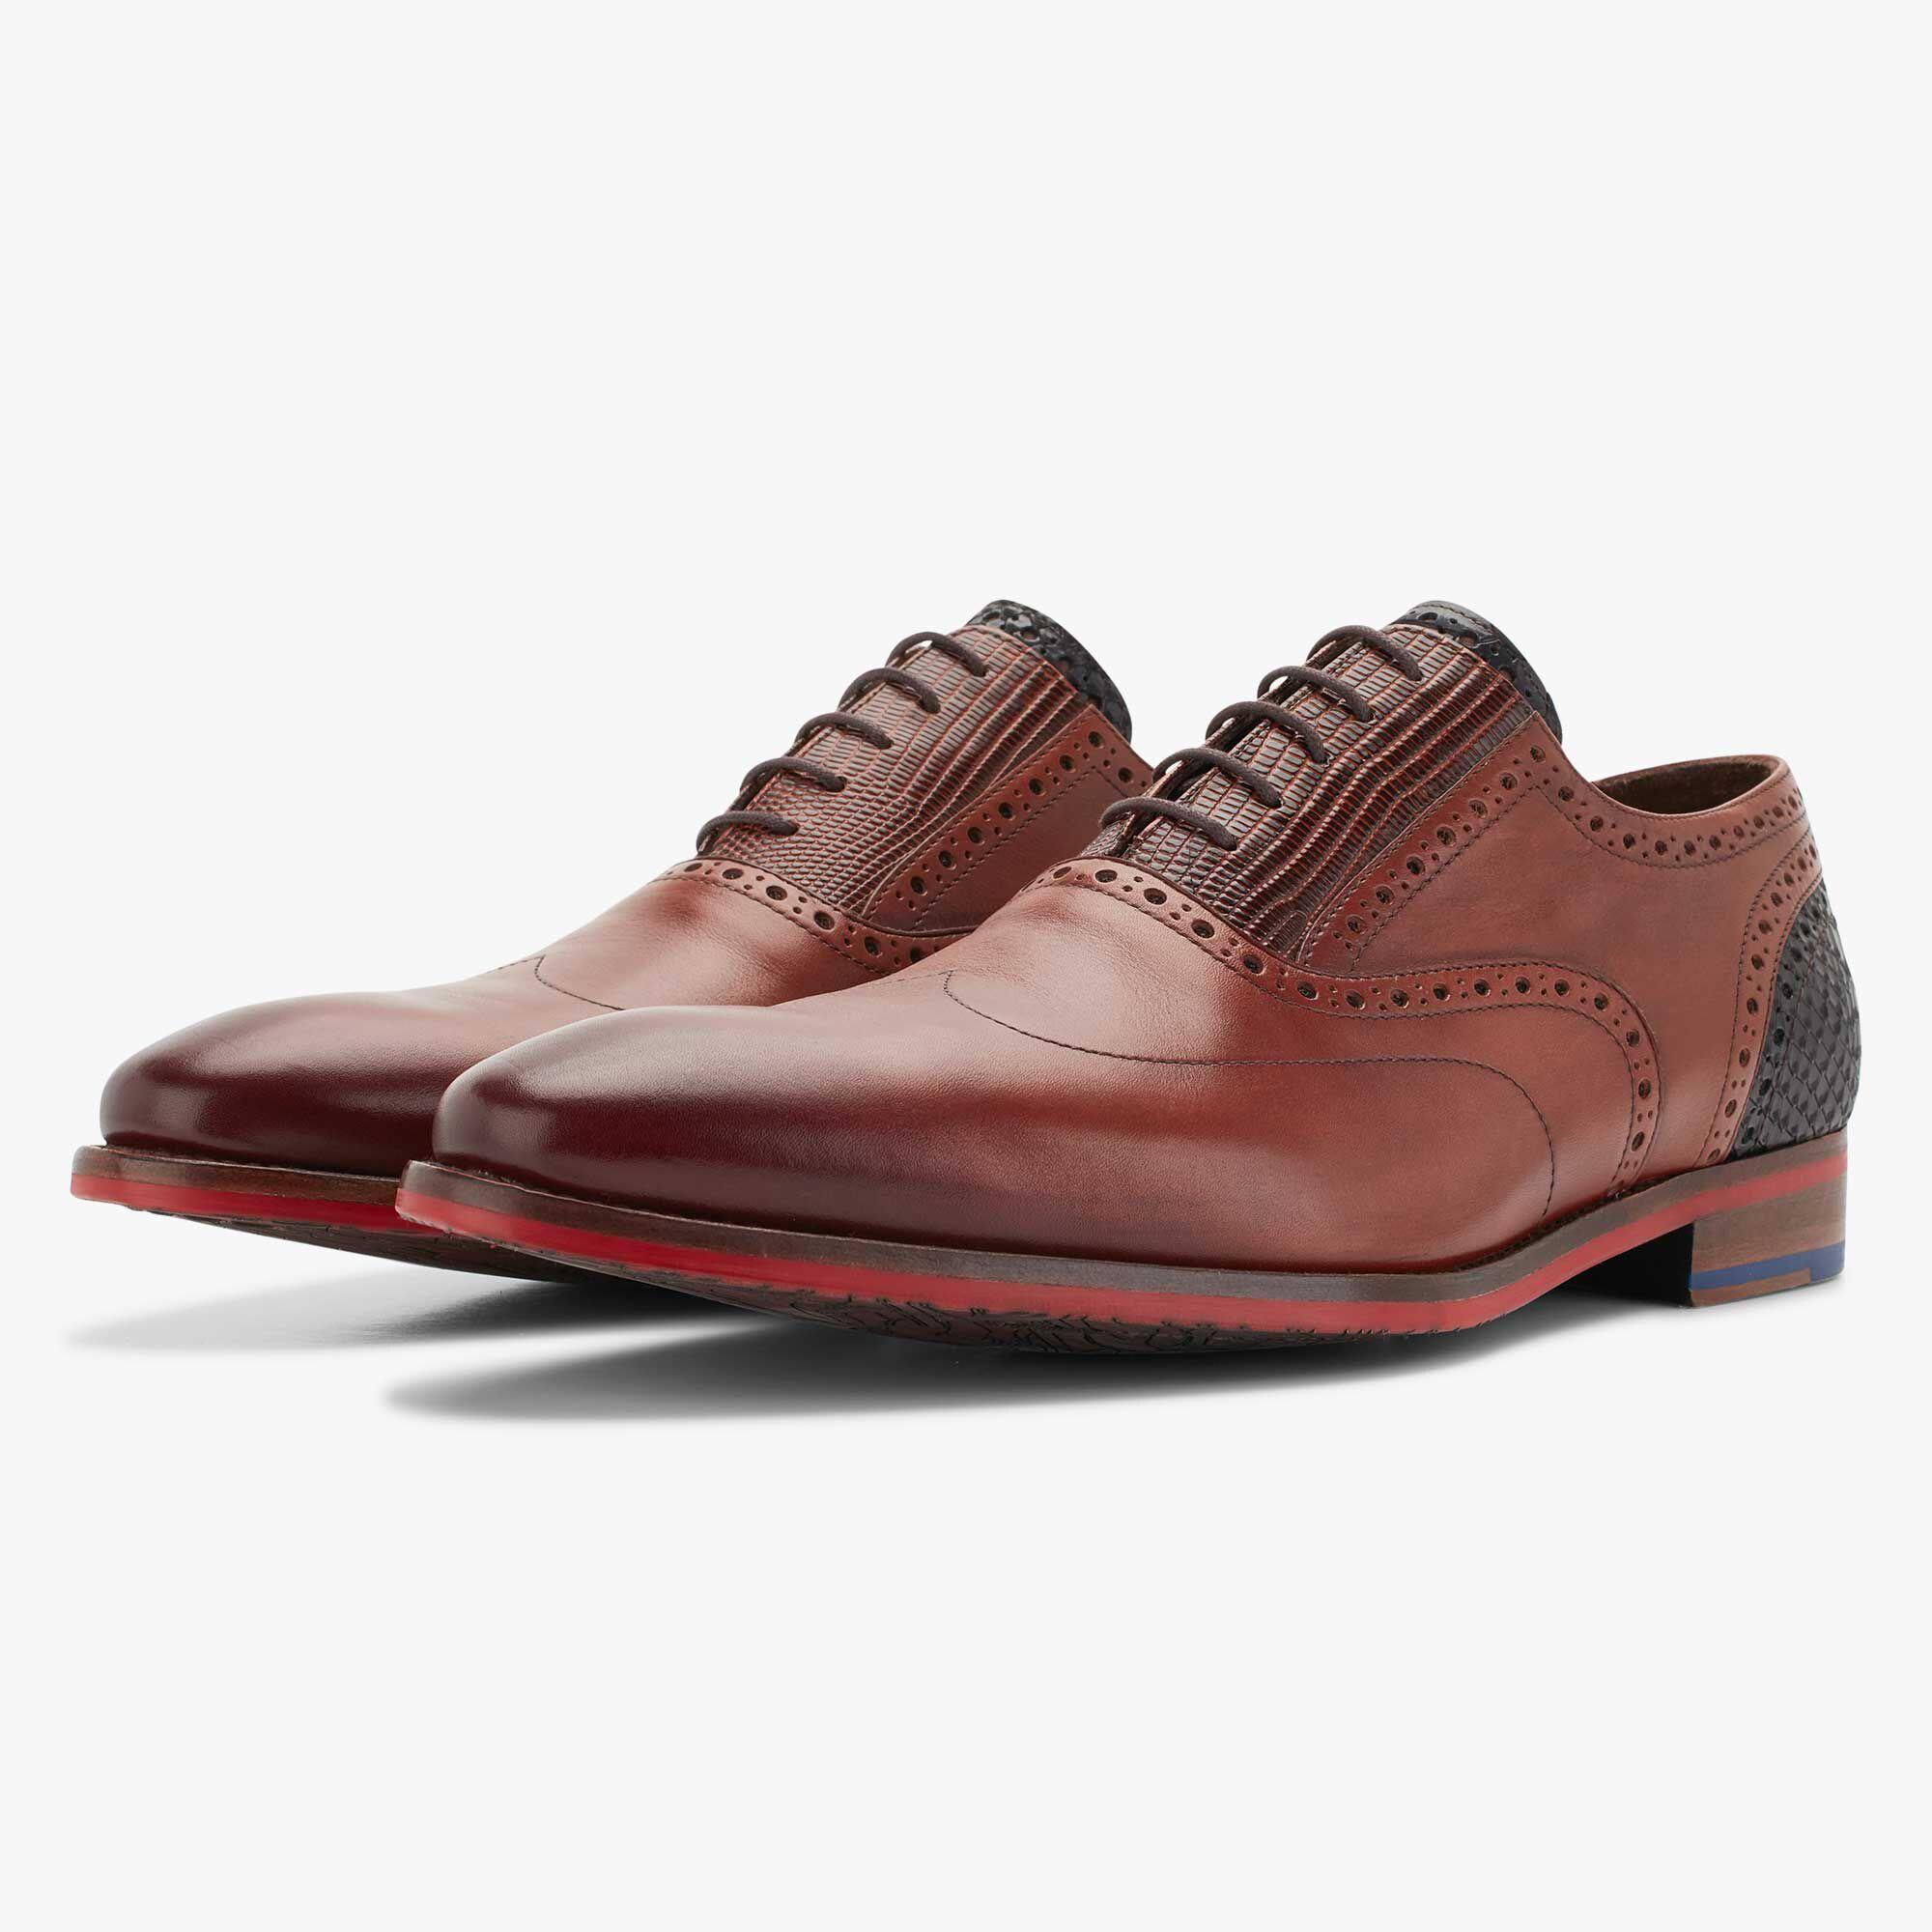 Floris van Bommel Herren 1906200 Oxford: Schuhe & Handtaschen